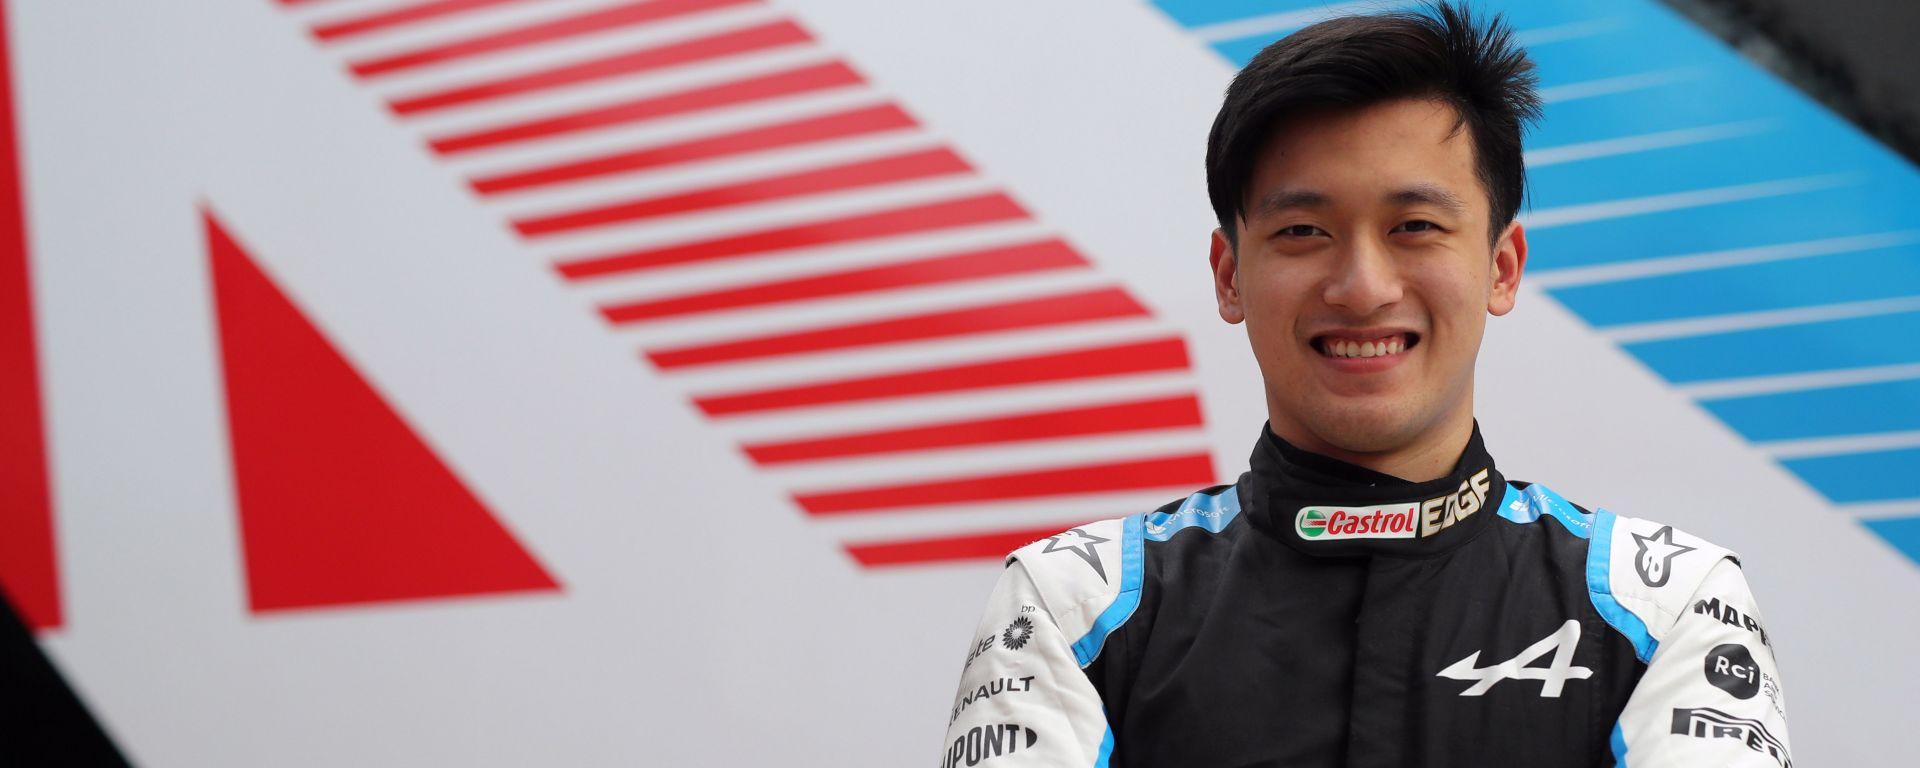 F1 GP Austria 2021, Spielberg: Guanyu Zhou (Alpine)